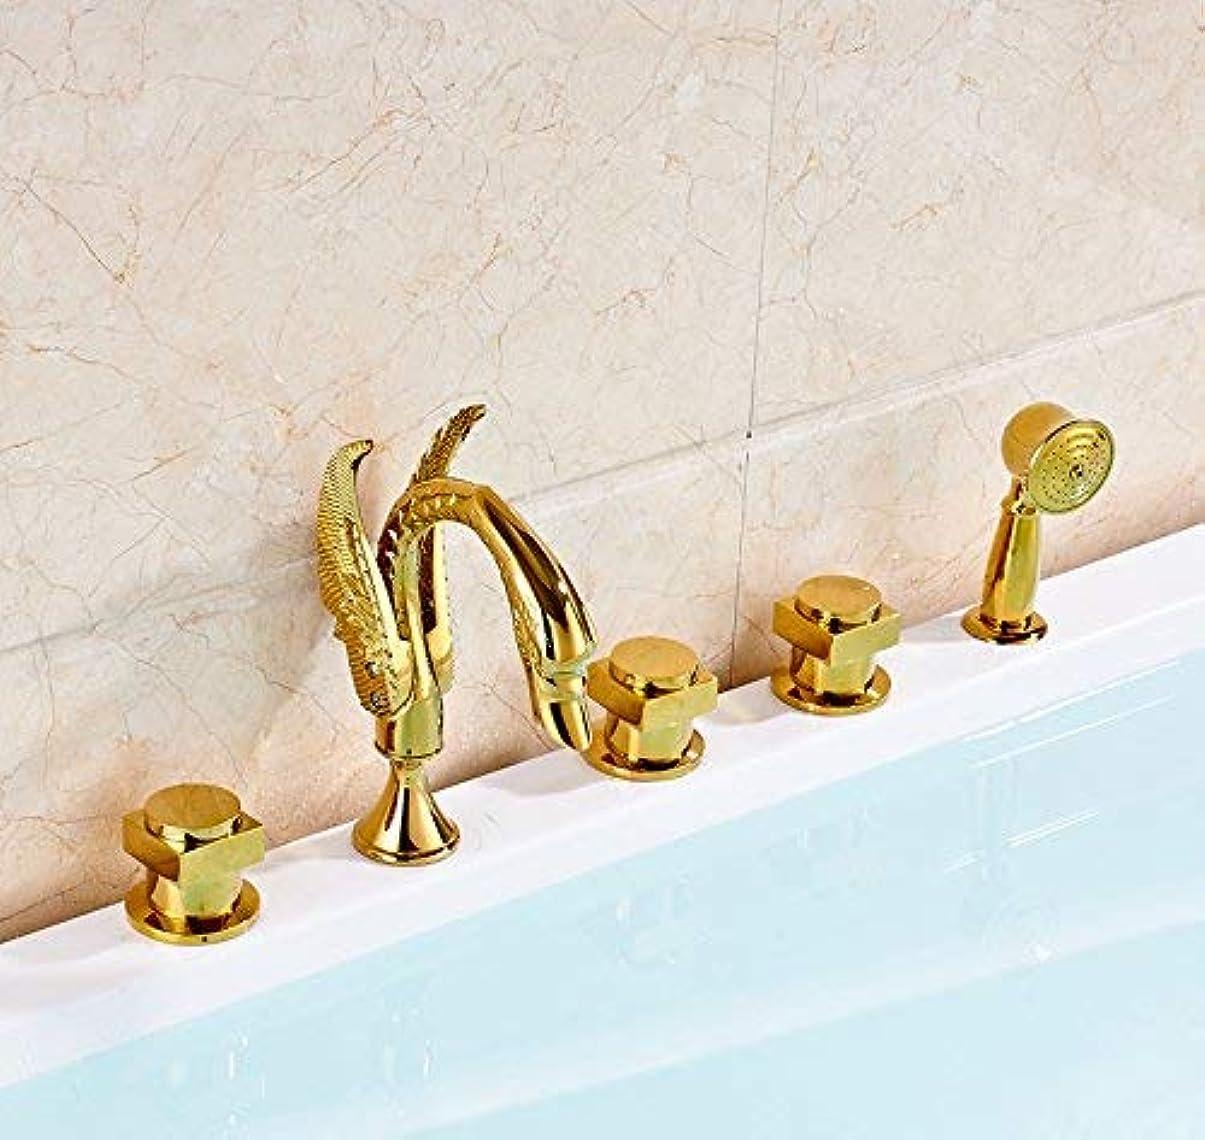 機械的子供っぽい減らすZY-YY 蛇口のデッキの取付け浴室浴槽の蛇口三は、ハンドヘルドシャワーゴールドポリッシュ、マルチとミキサーのタップを処理します